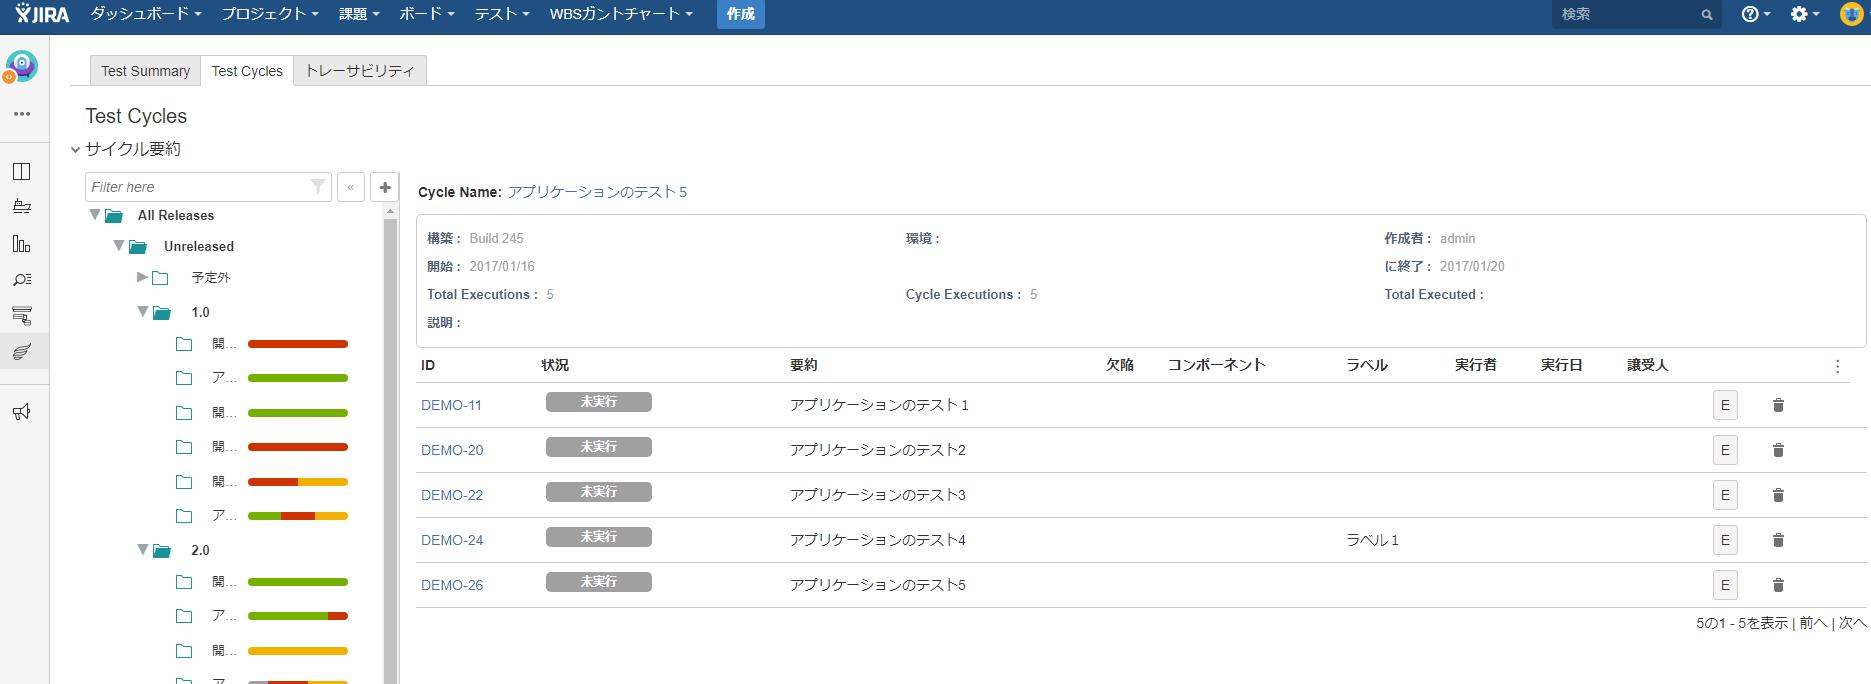 利用者:Chanchami/Userbox - JapaneseClass.jp